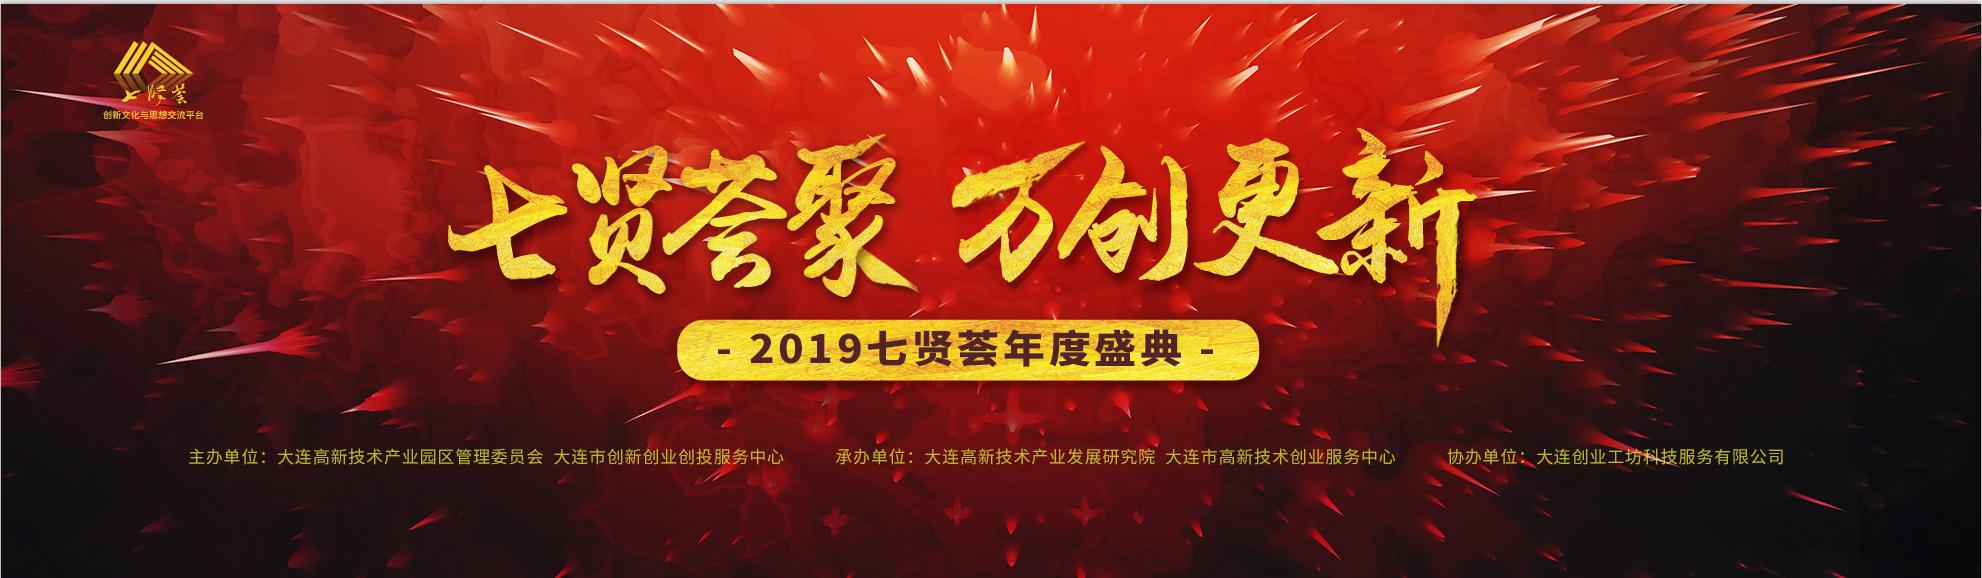 2019七贤荟年度盛典 - 专题活动 - 创业活动 - 创业工坊